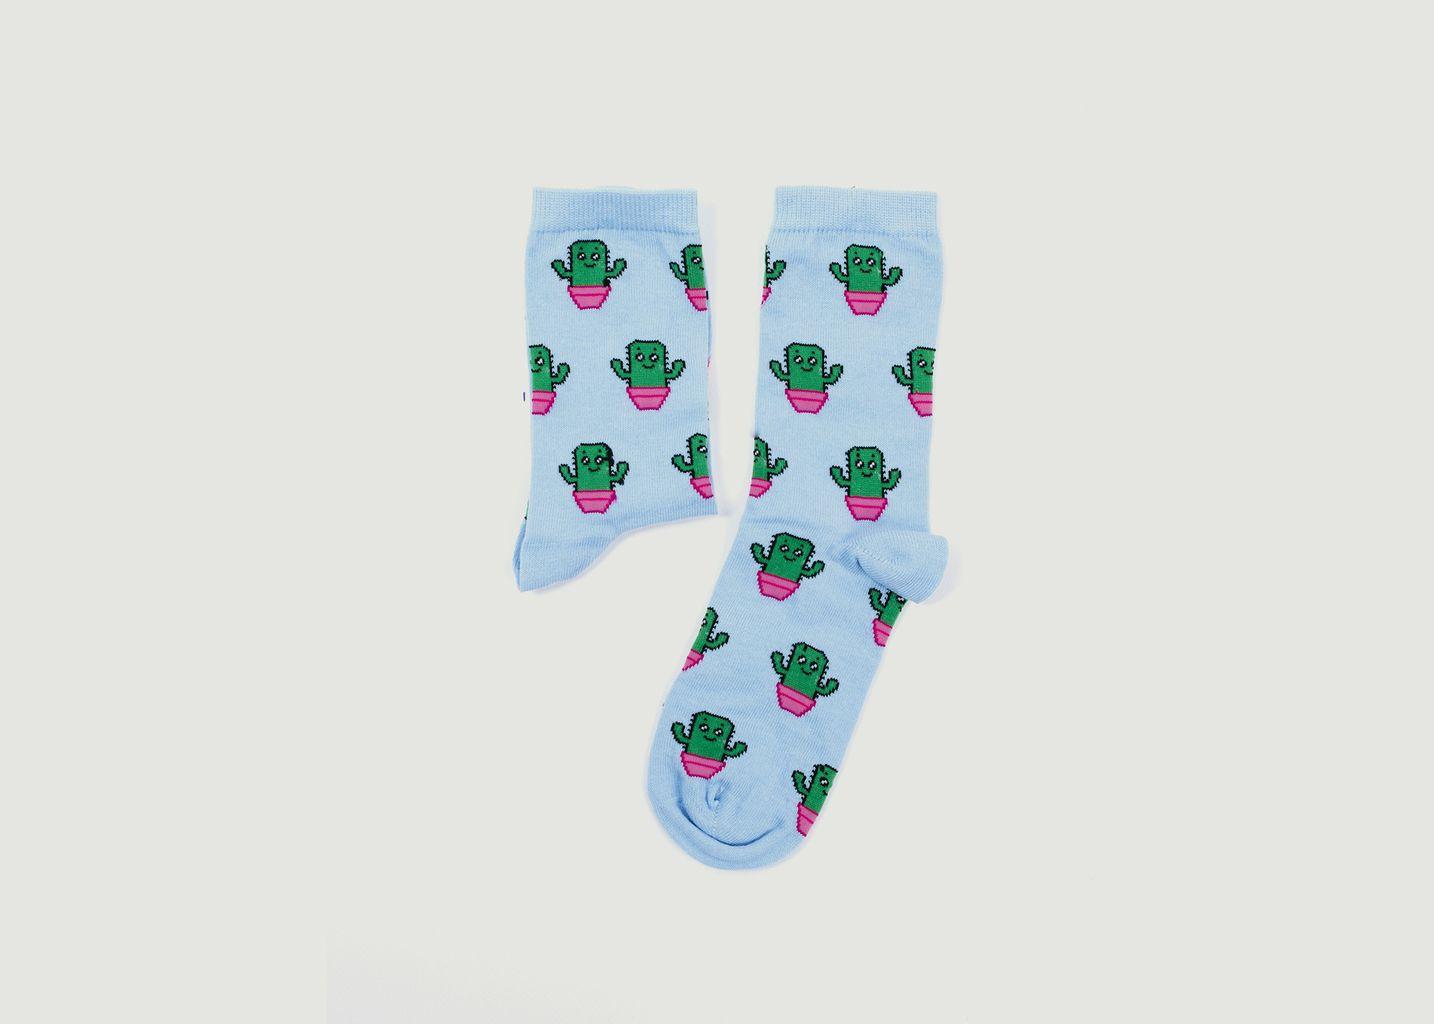 Chaussettes Cactus - De Pied Ferme